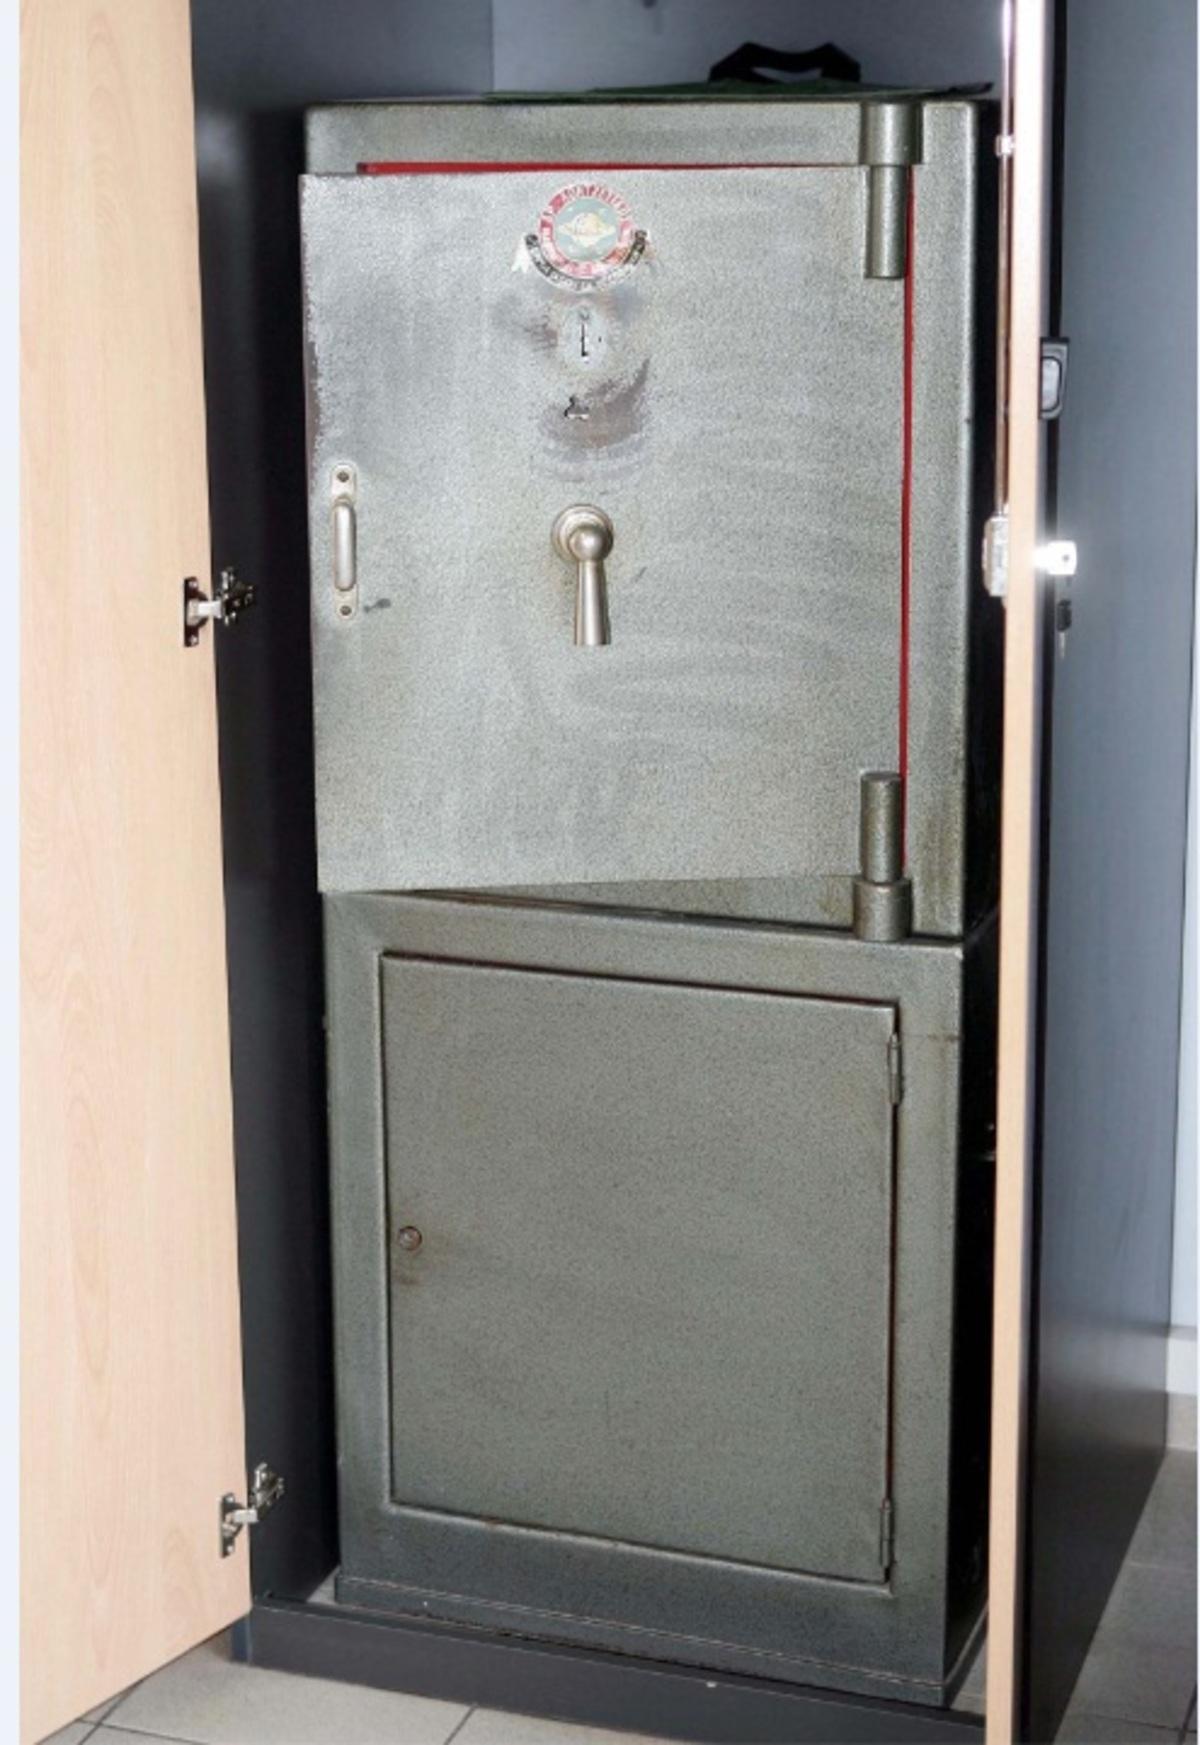 Ξυλόκαστρο: Άδεισαν χρηματοκιβώτιο σε σούπερ μάρκετ | Newsit.gr